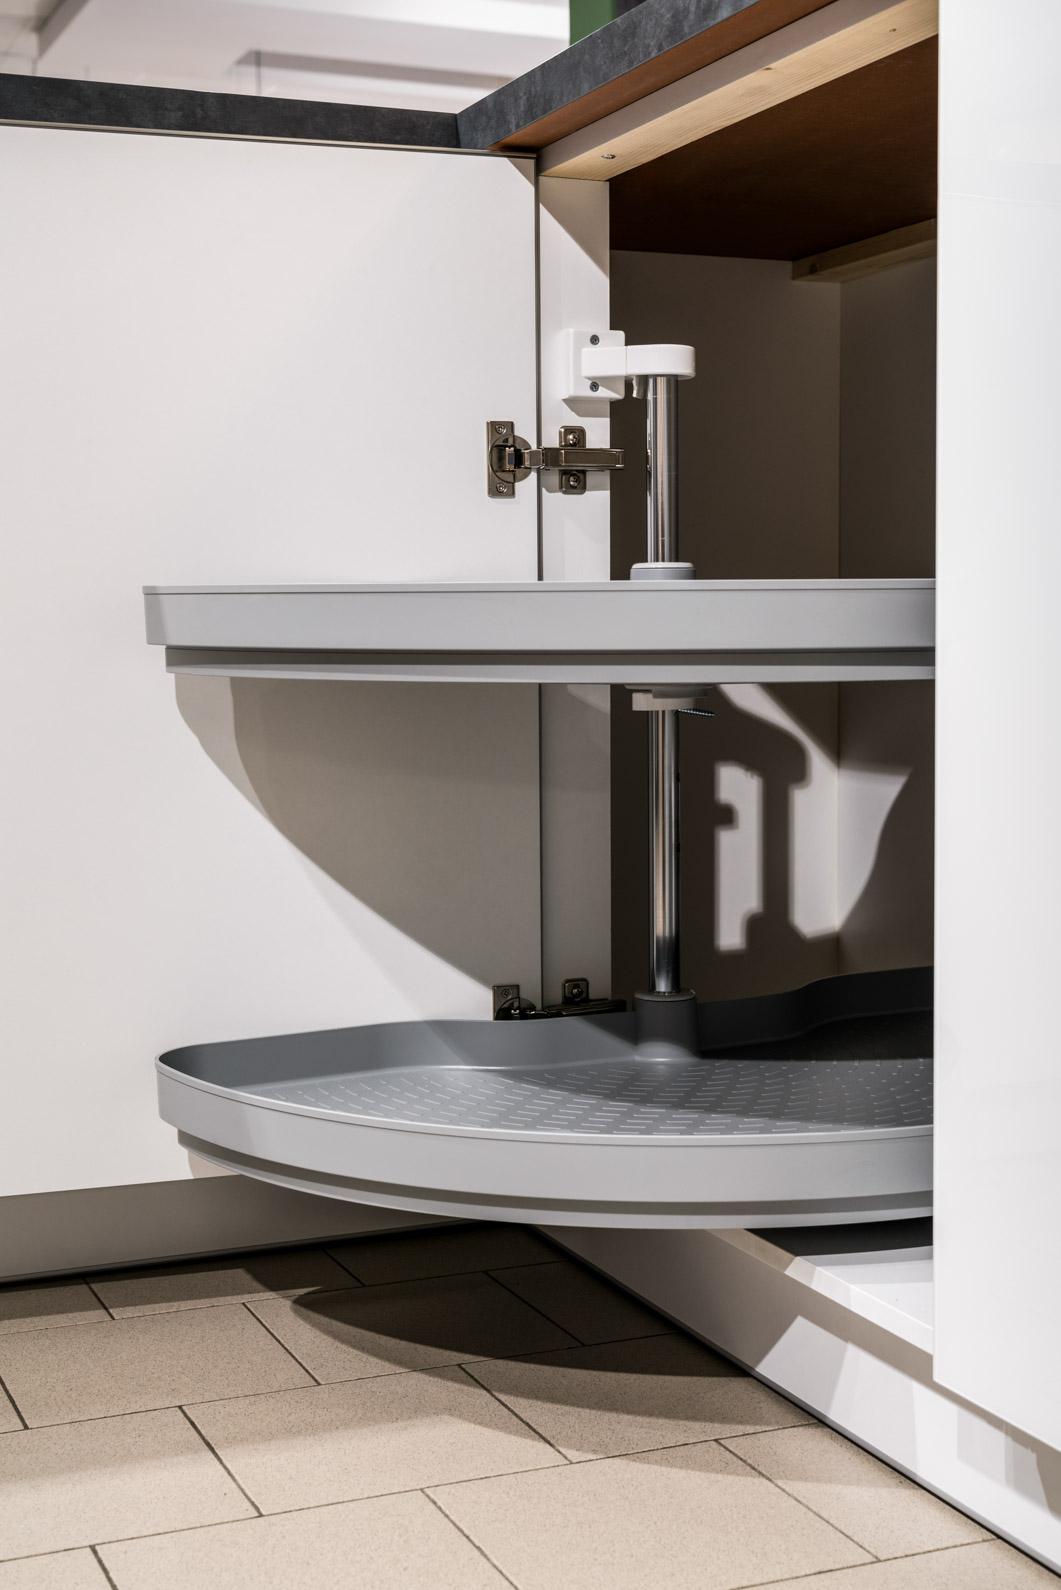 Weisser Küchenstudio Showroom Drehtür